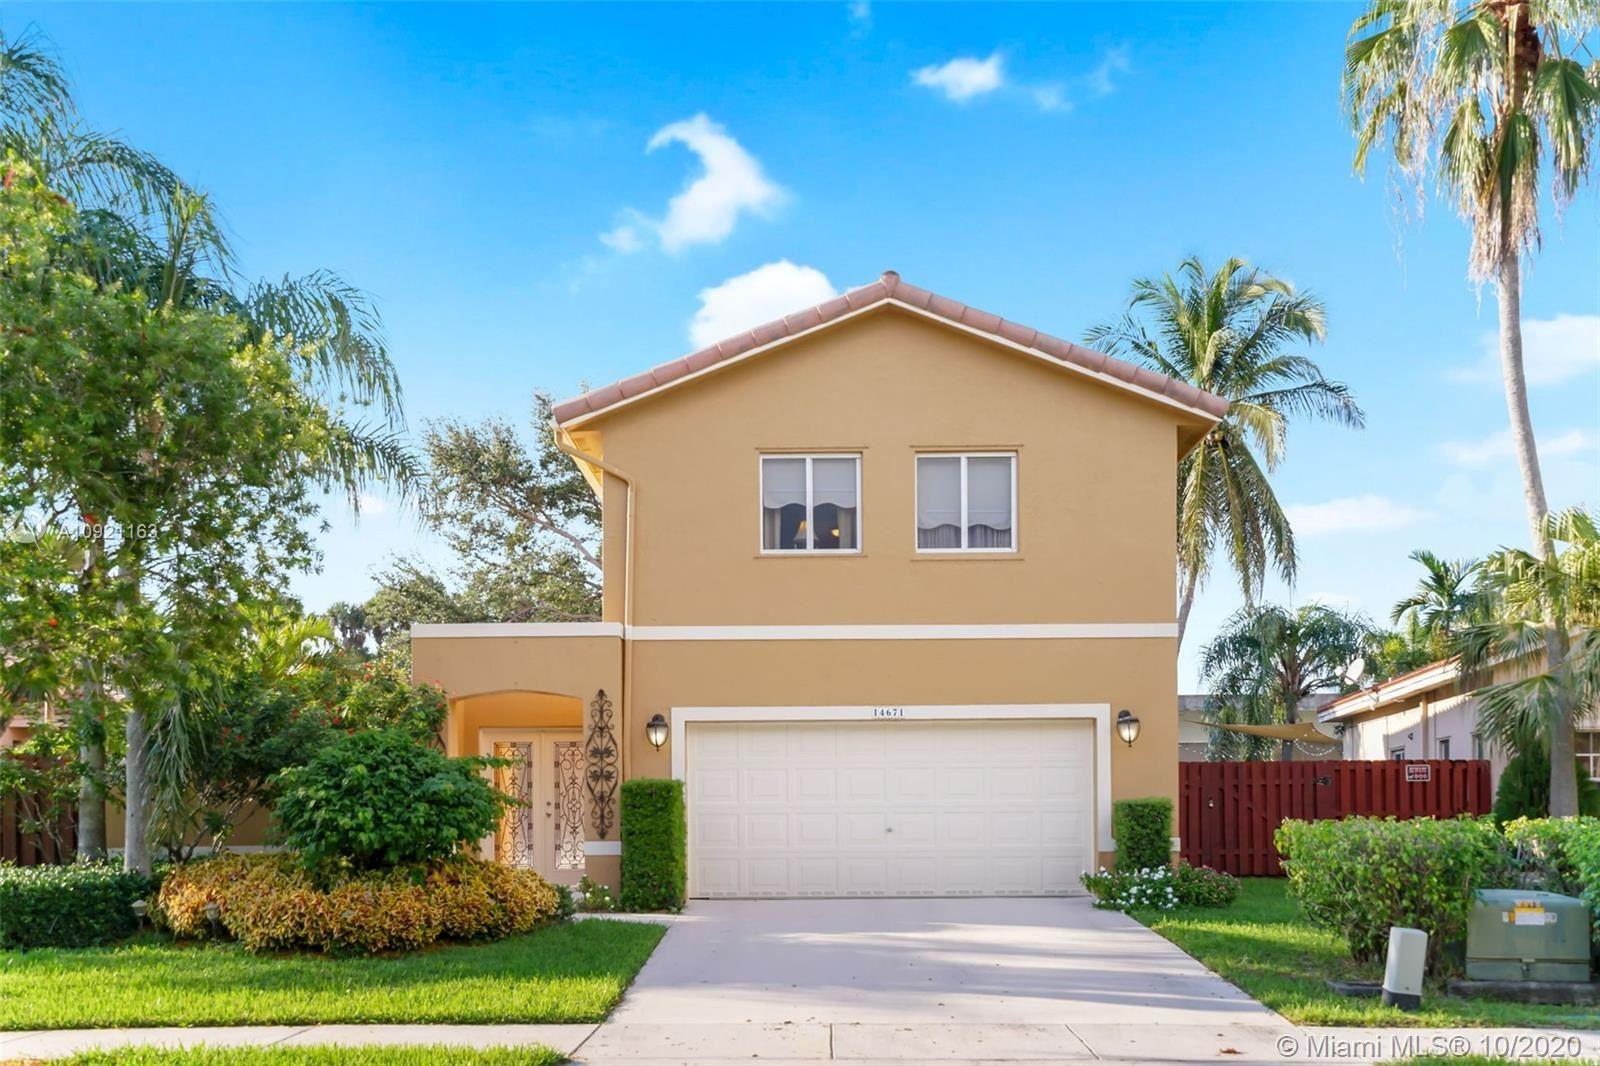 14671 Vista Verdi Rd, Davie, FL 33325 - #: A10921163